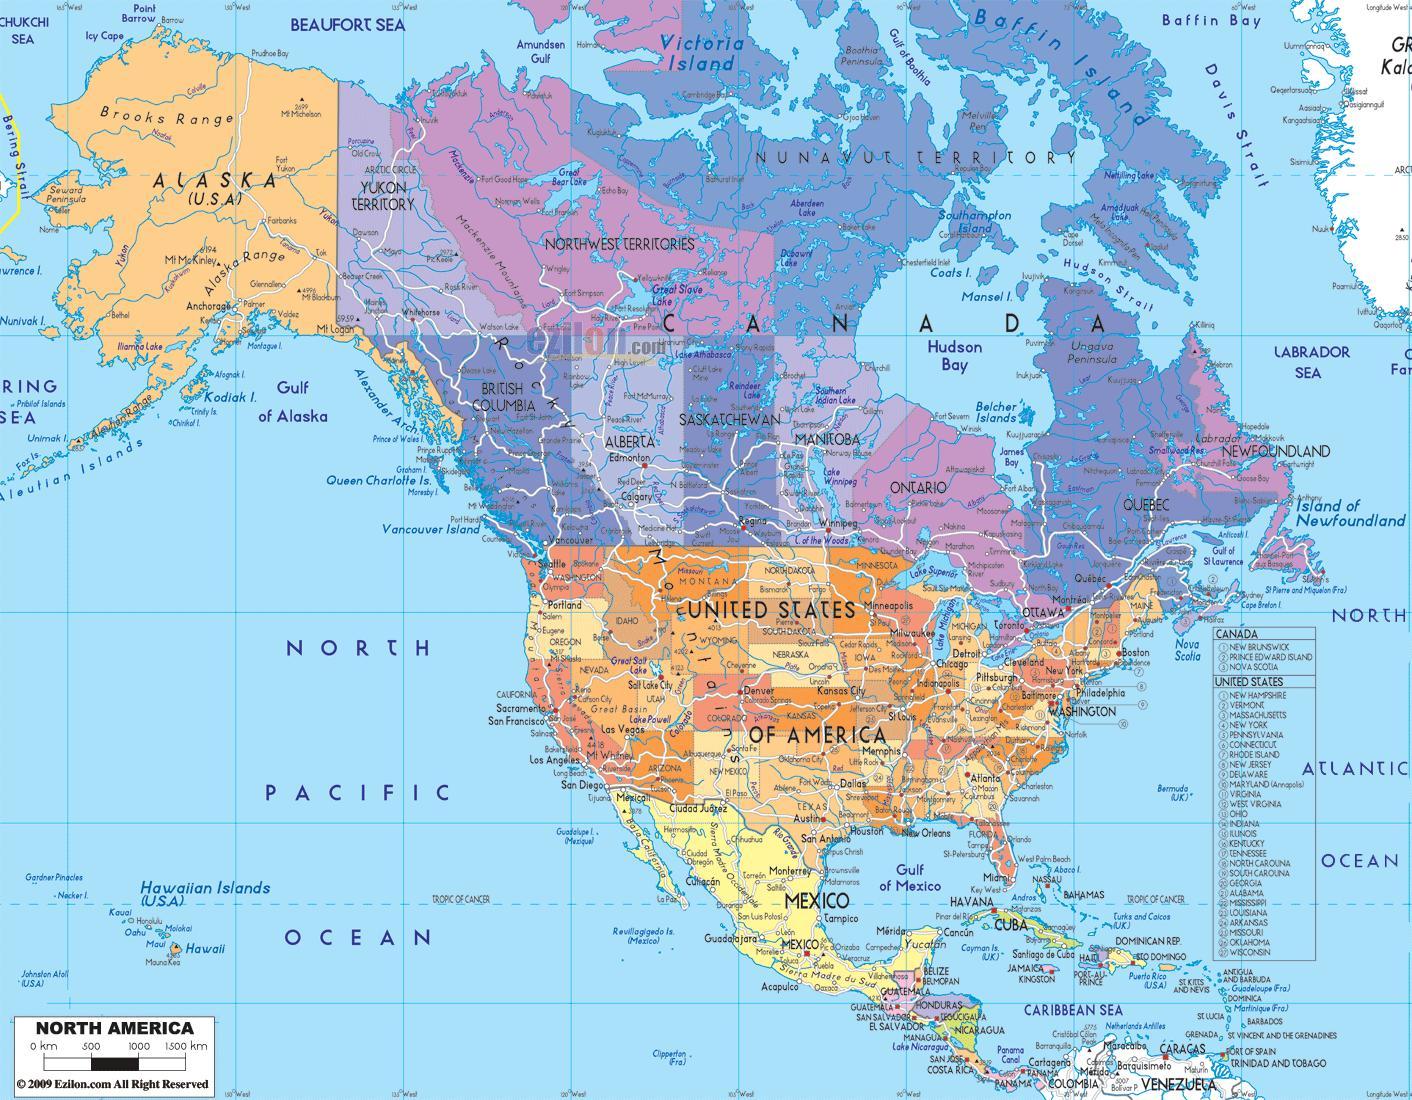 kart over nord amerika Vis kart over Canada   Klart kart over Canada (Nord Amerika   Amerika) kart over nord amerika